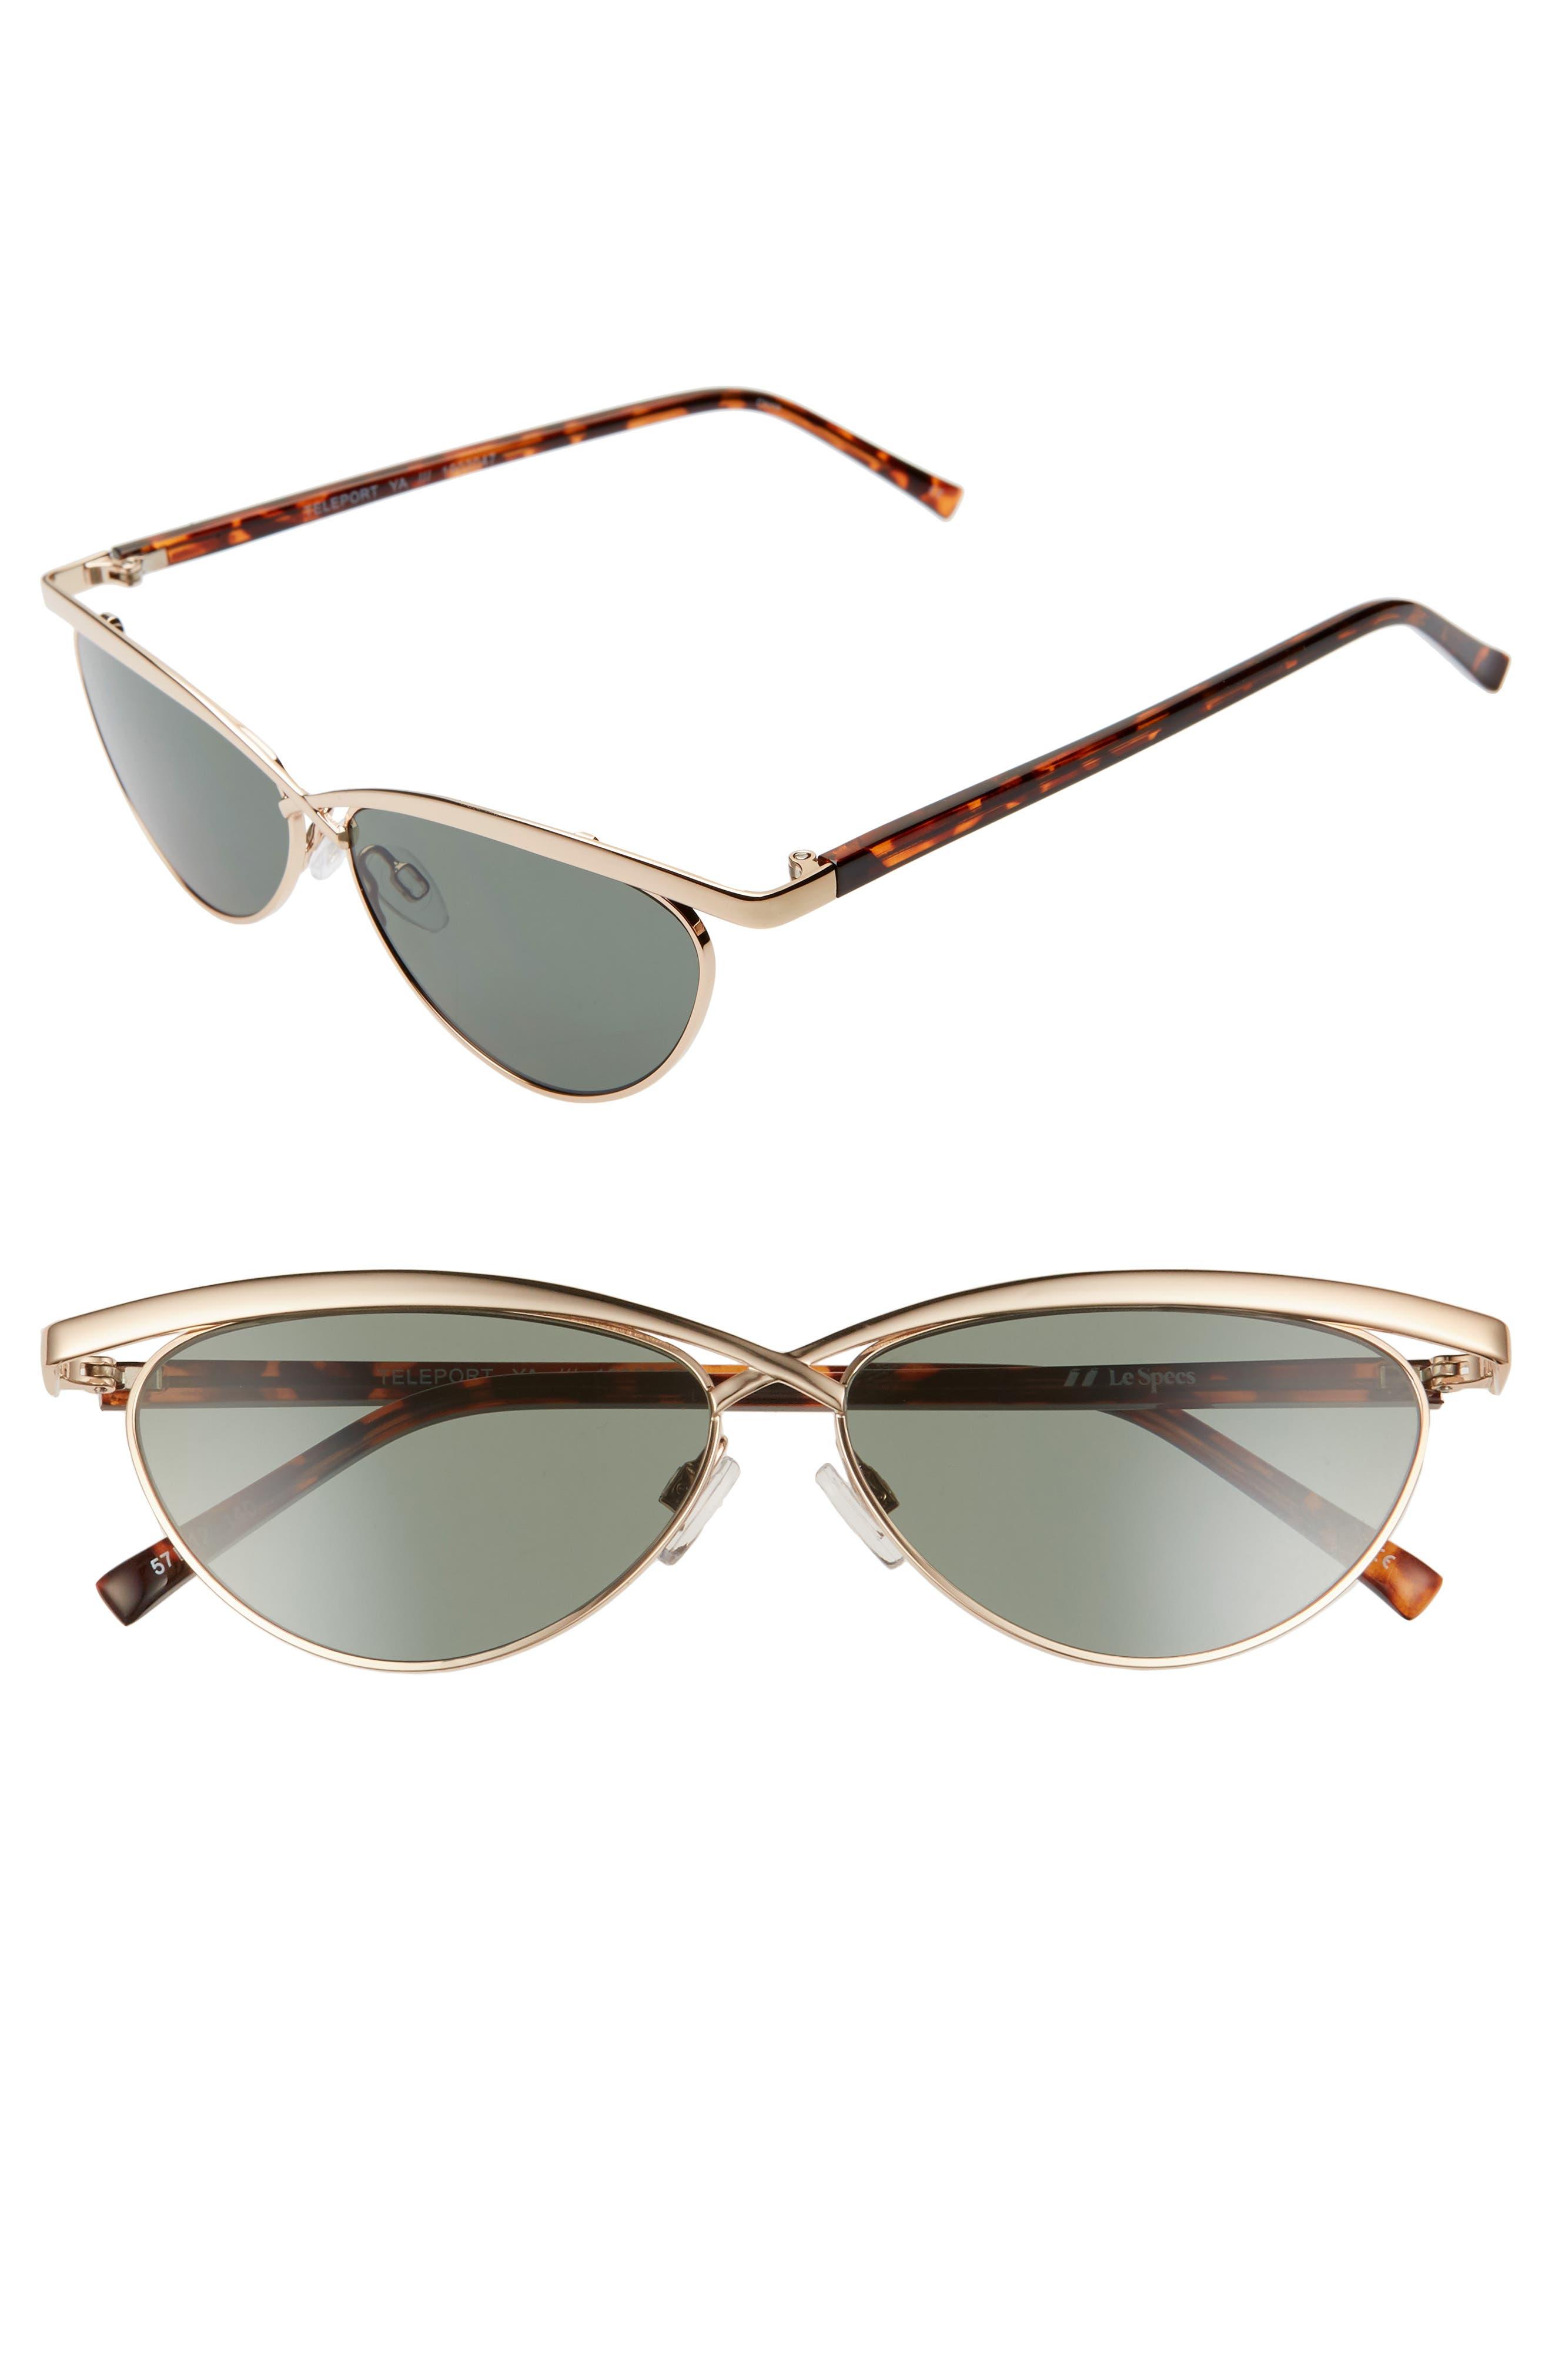 Le Specs Teleport Ya 57Mm Cat Eye Sunglasses - Gold/ Grey